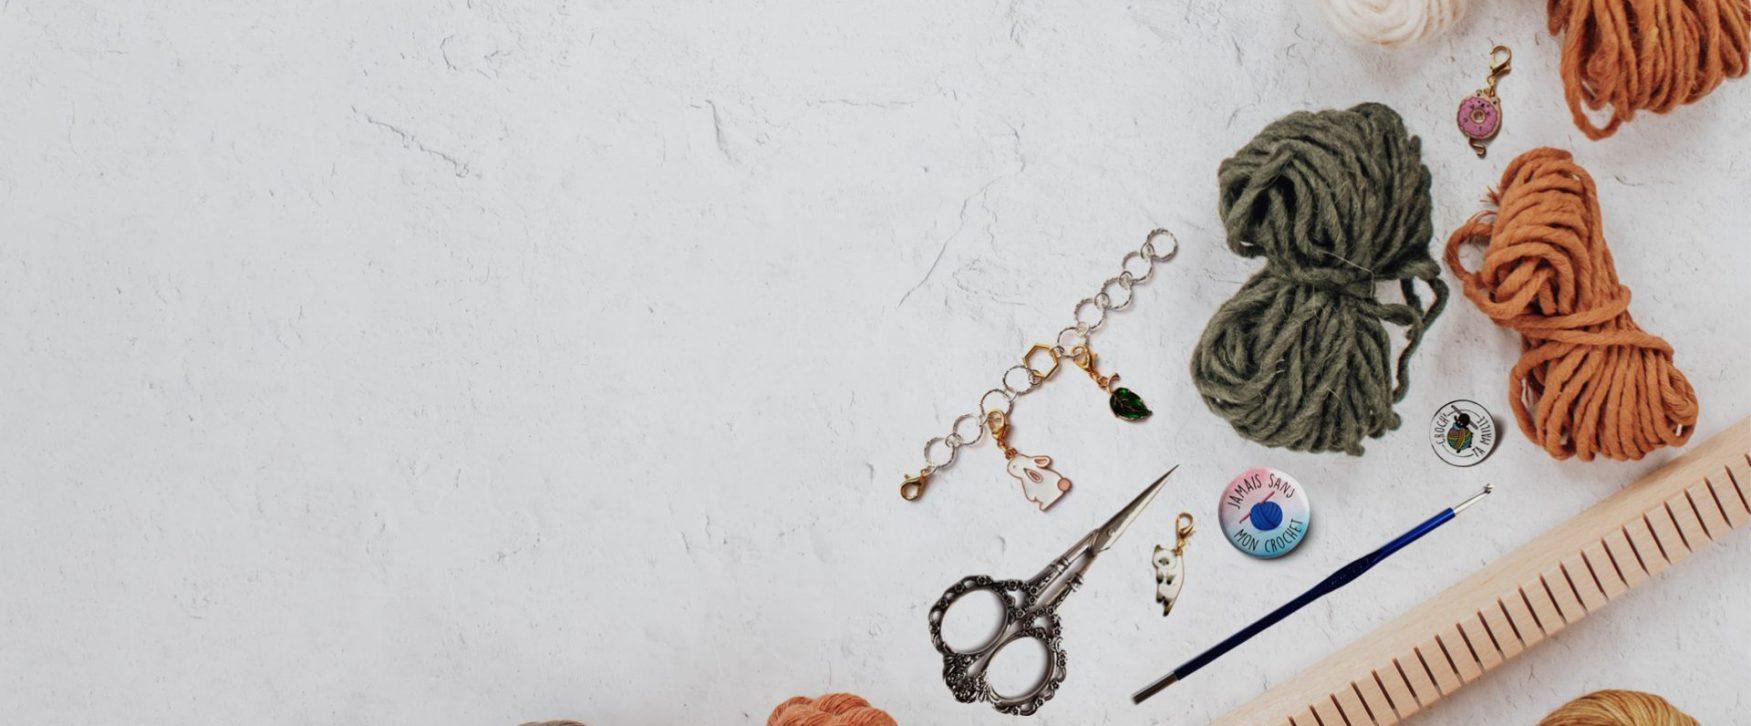 Accessoires et goodies pour se faire plaisir en crochetant